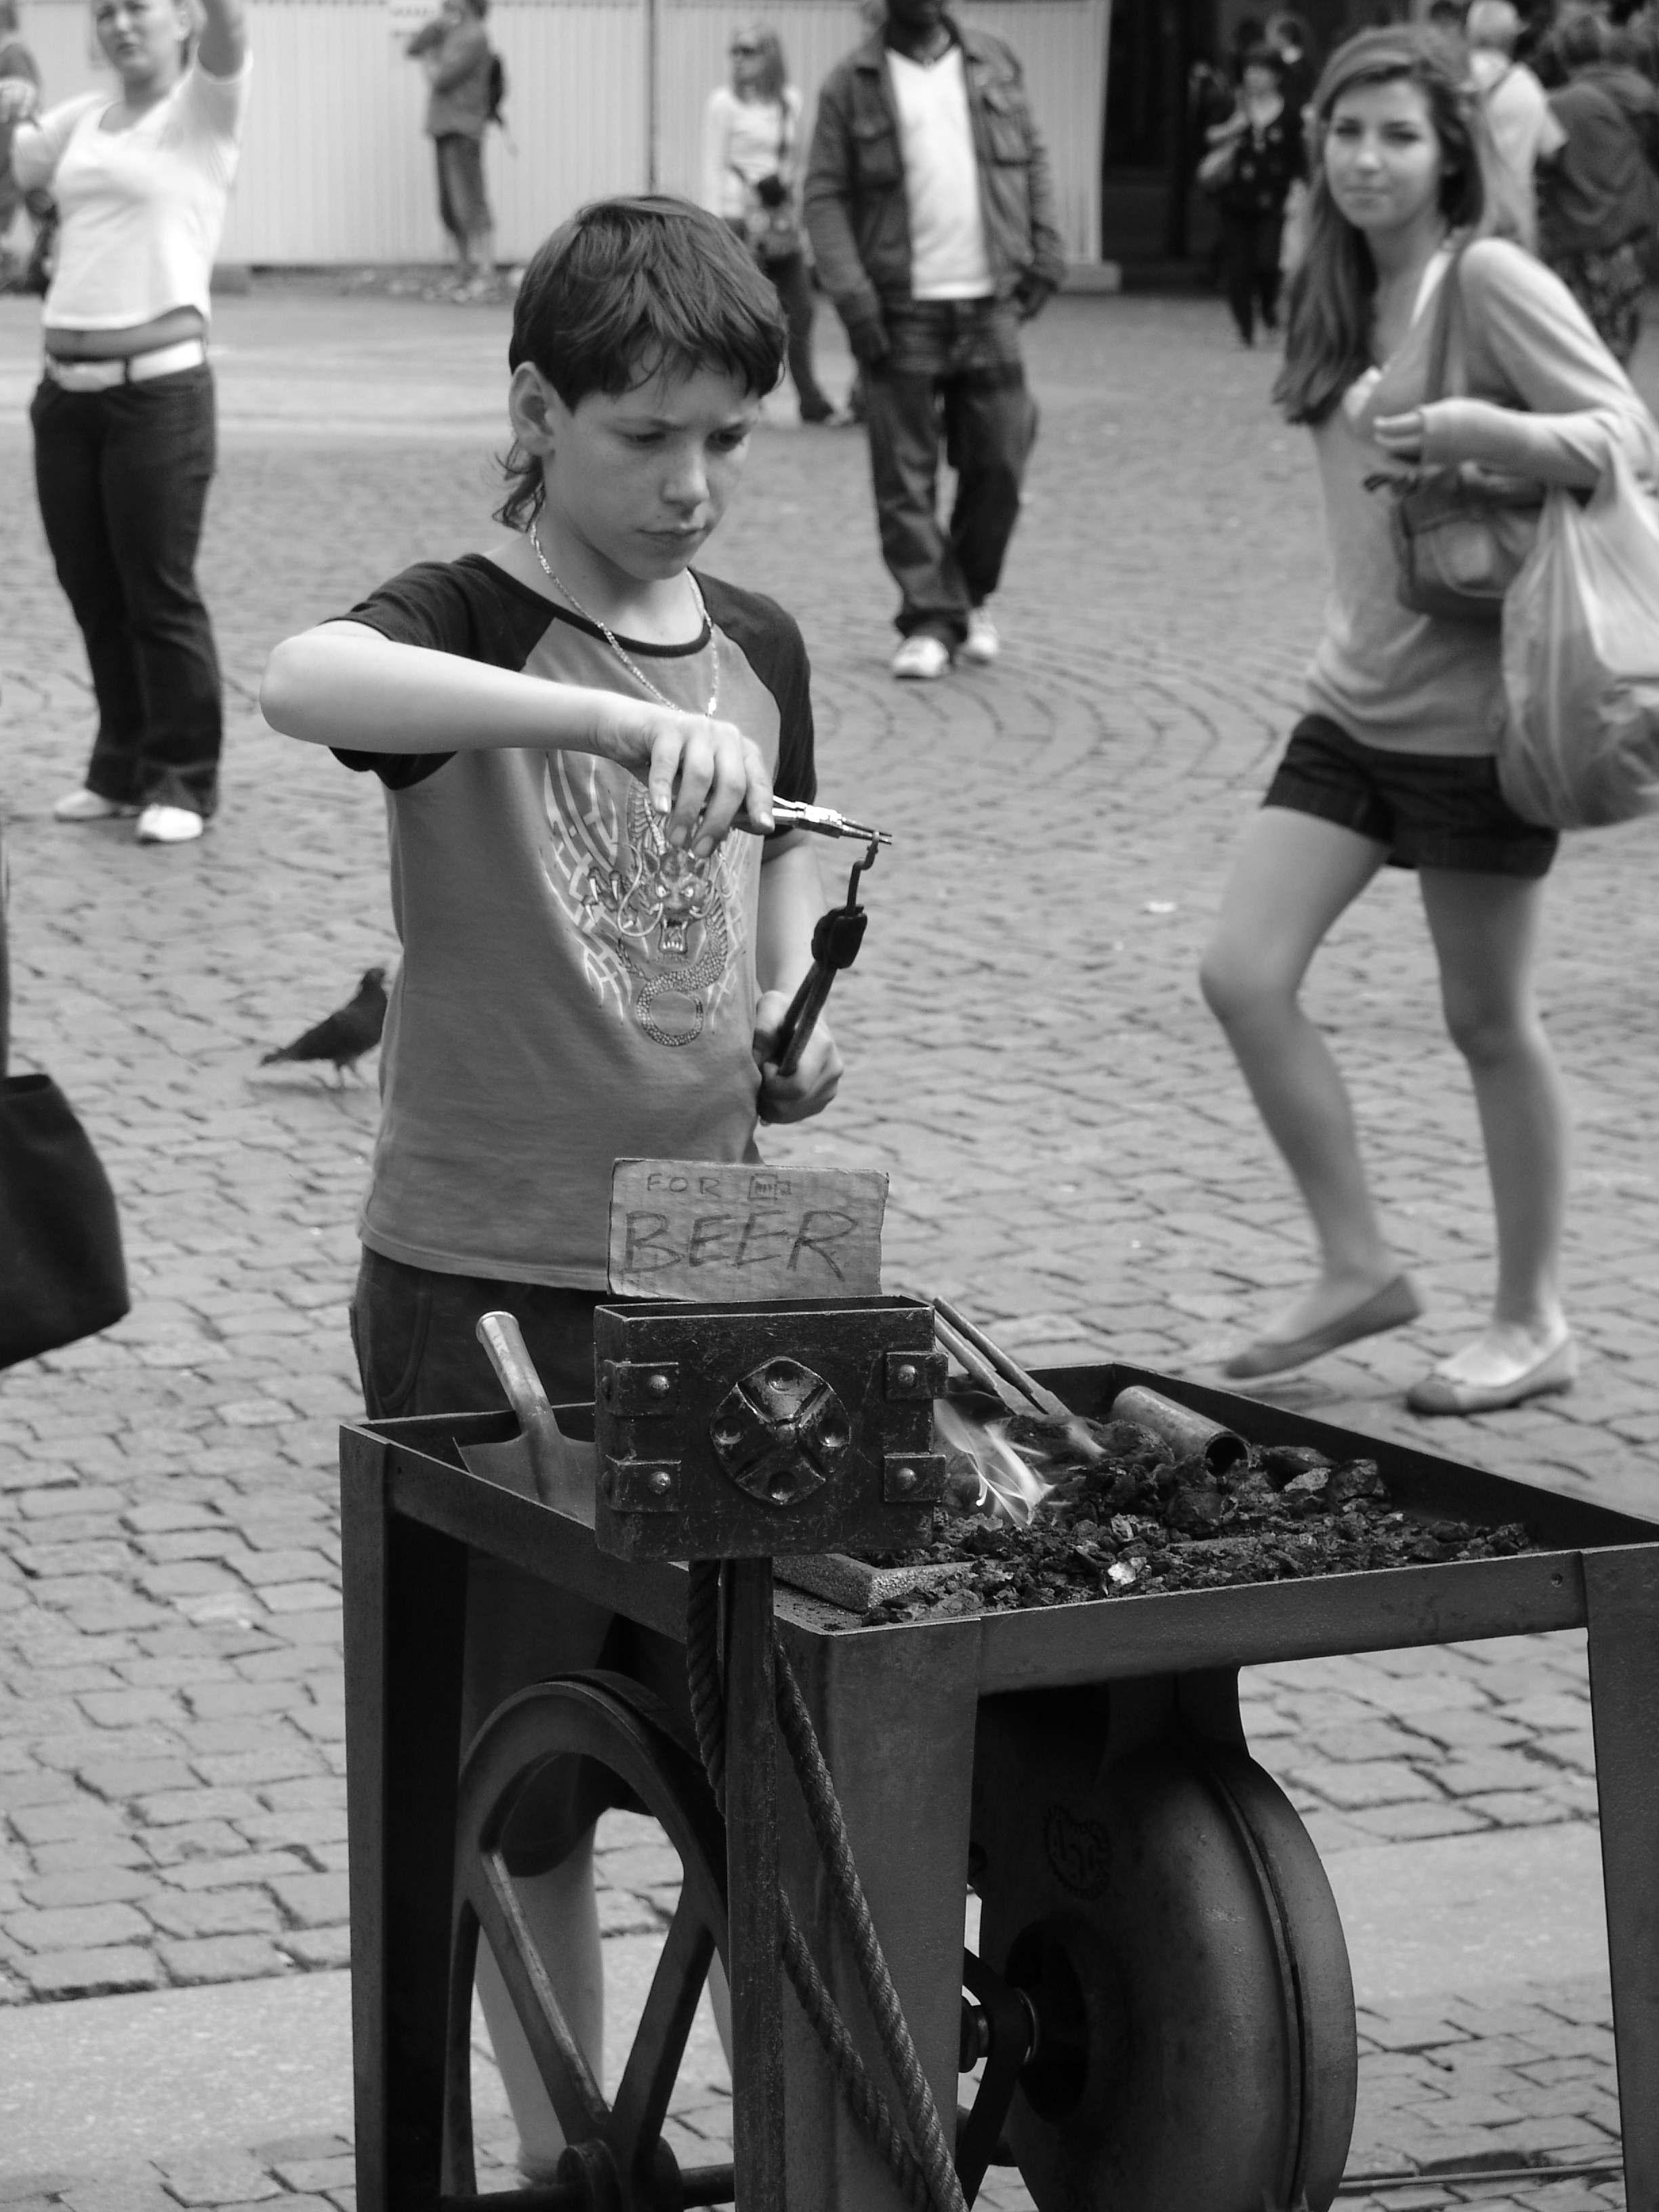 DSC02196-1 Prag Boy working wensel street